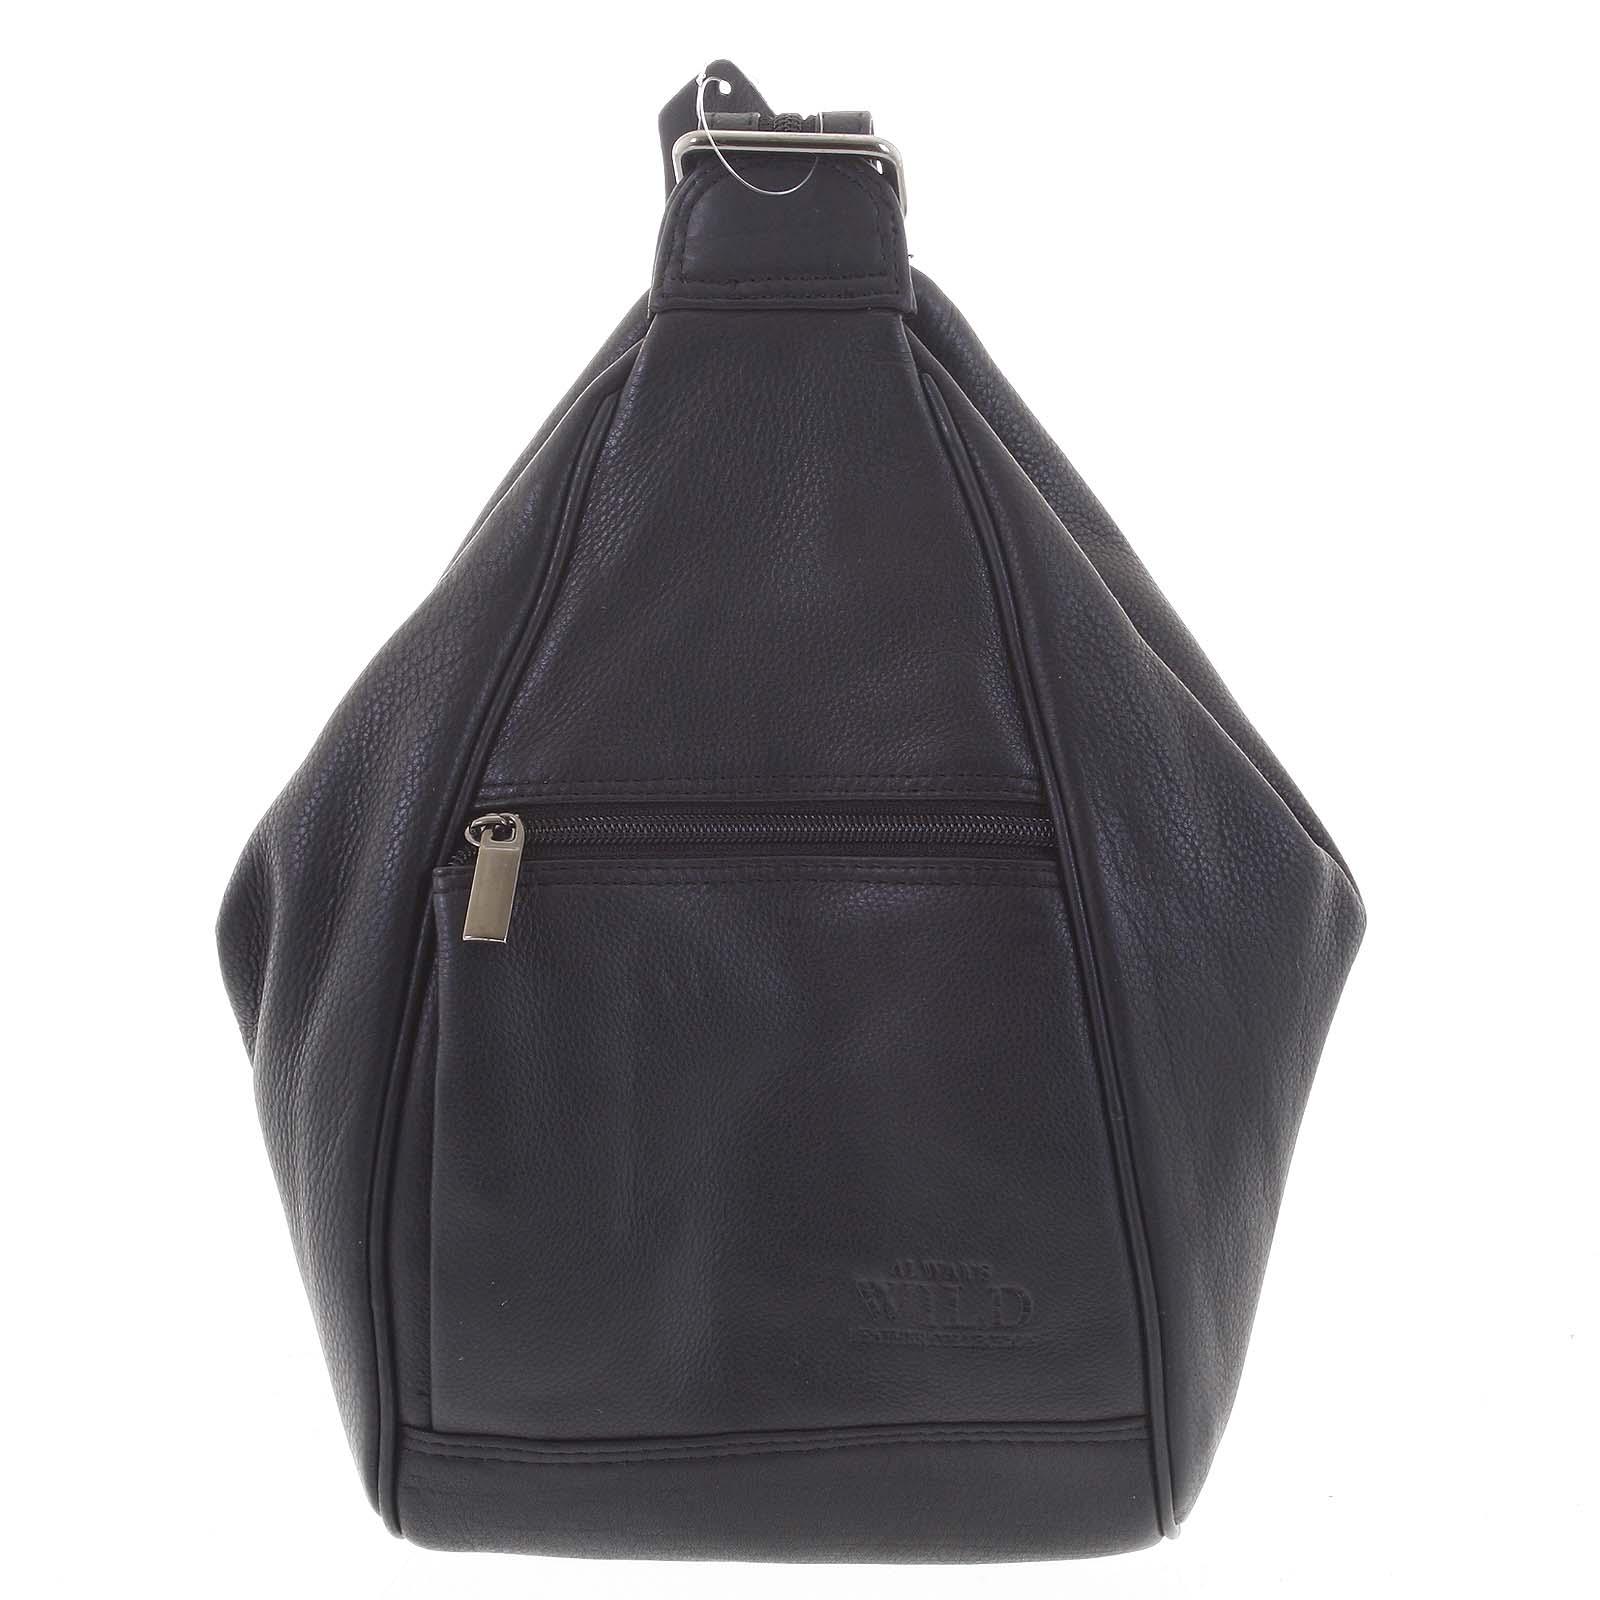 Dámský kožený batůžek černý - WILD Queen černá